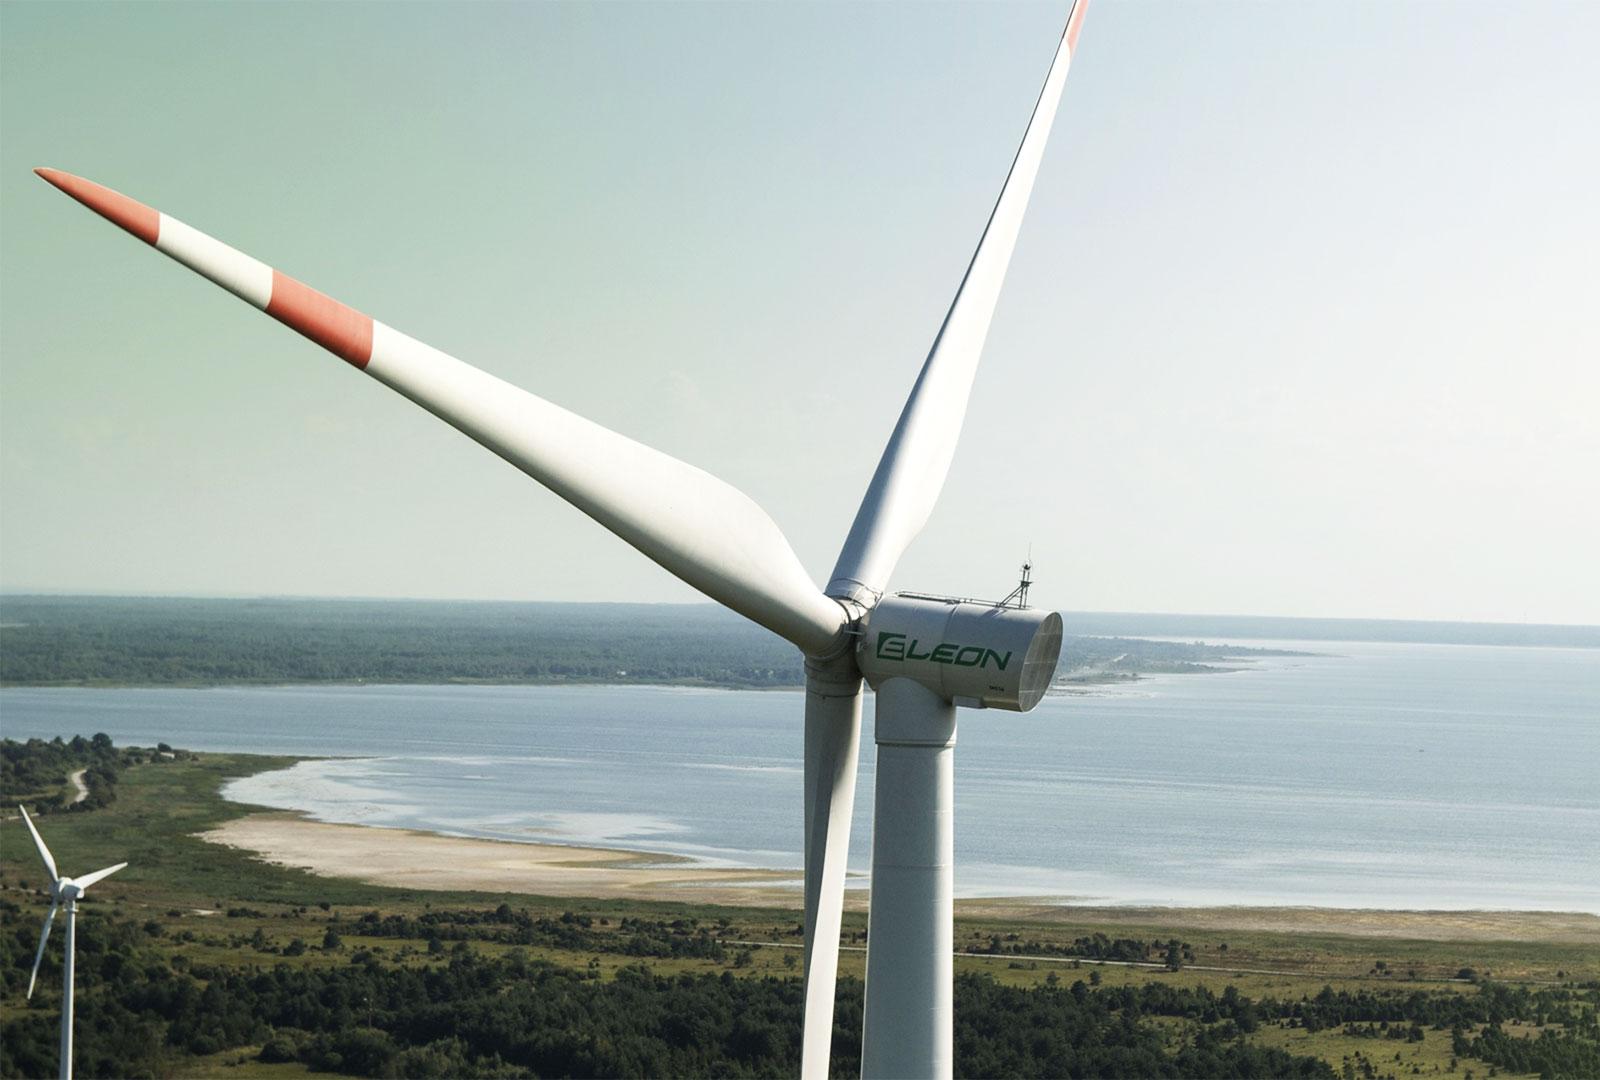 Sõnajalg keskkonnaseminaril: tuuleenergia võiks olla võluvits Ida-Virumaa jaoks